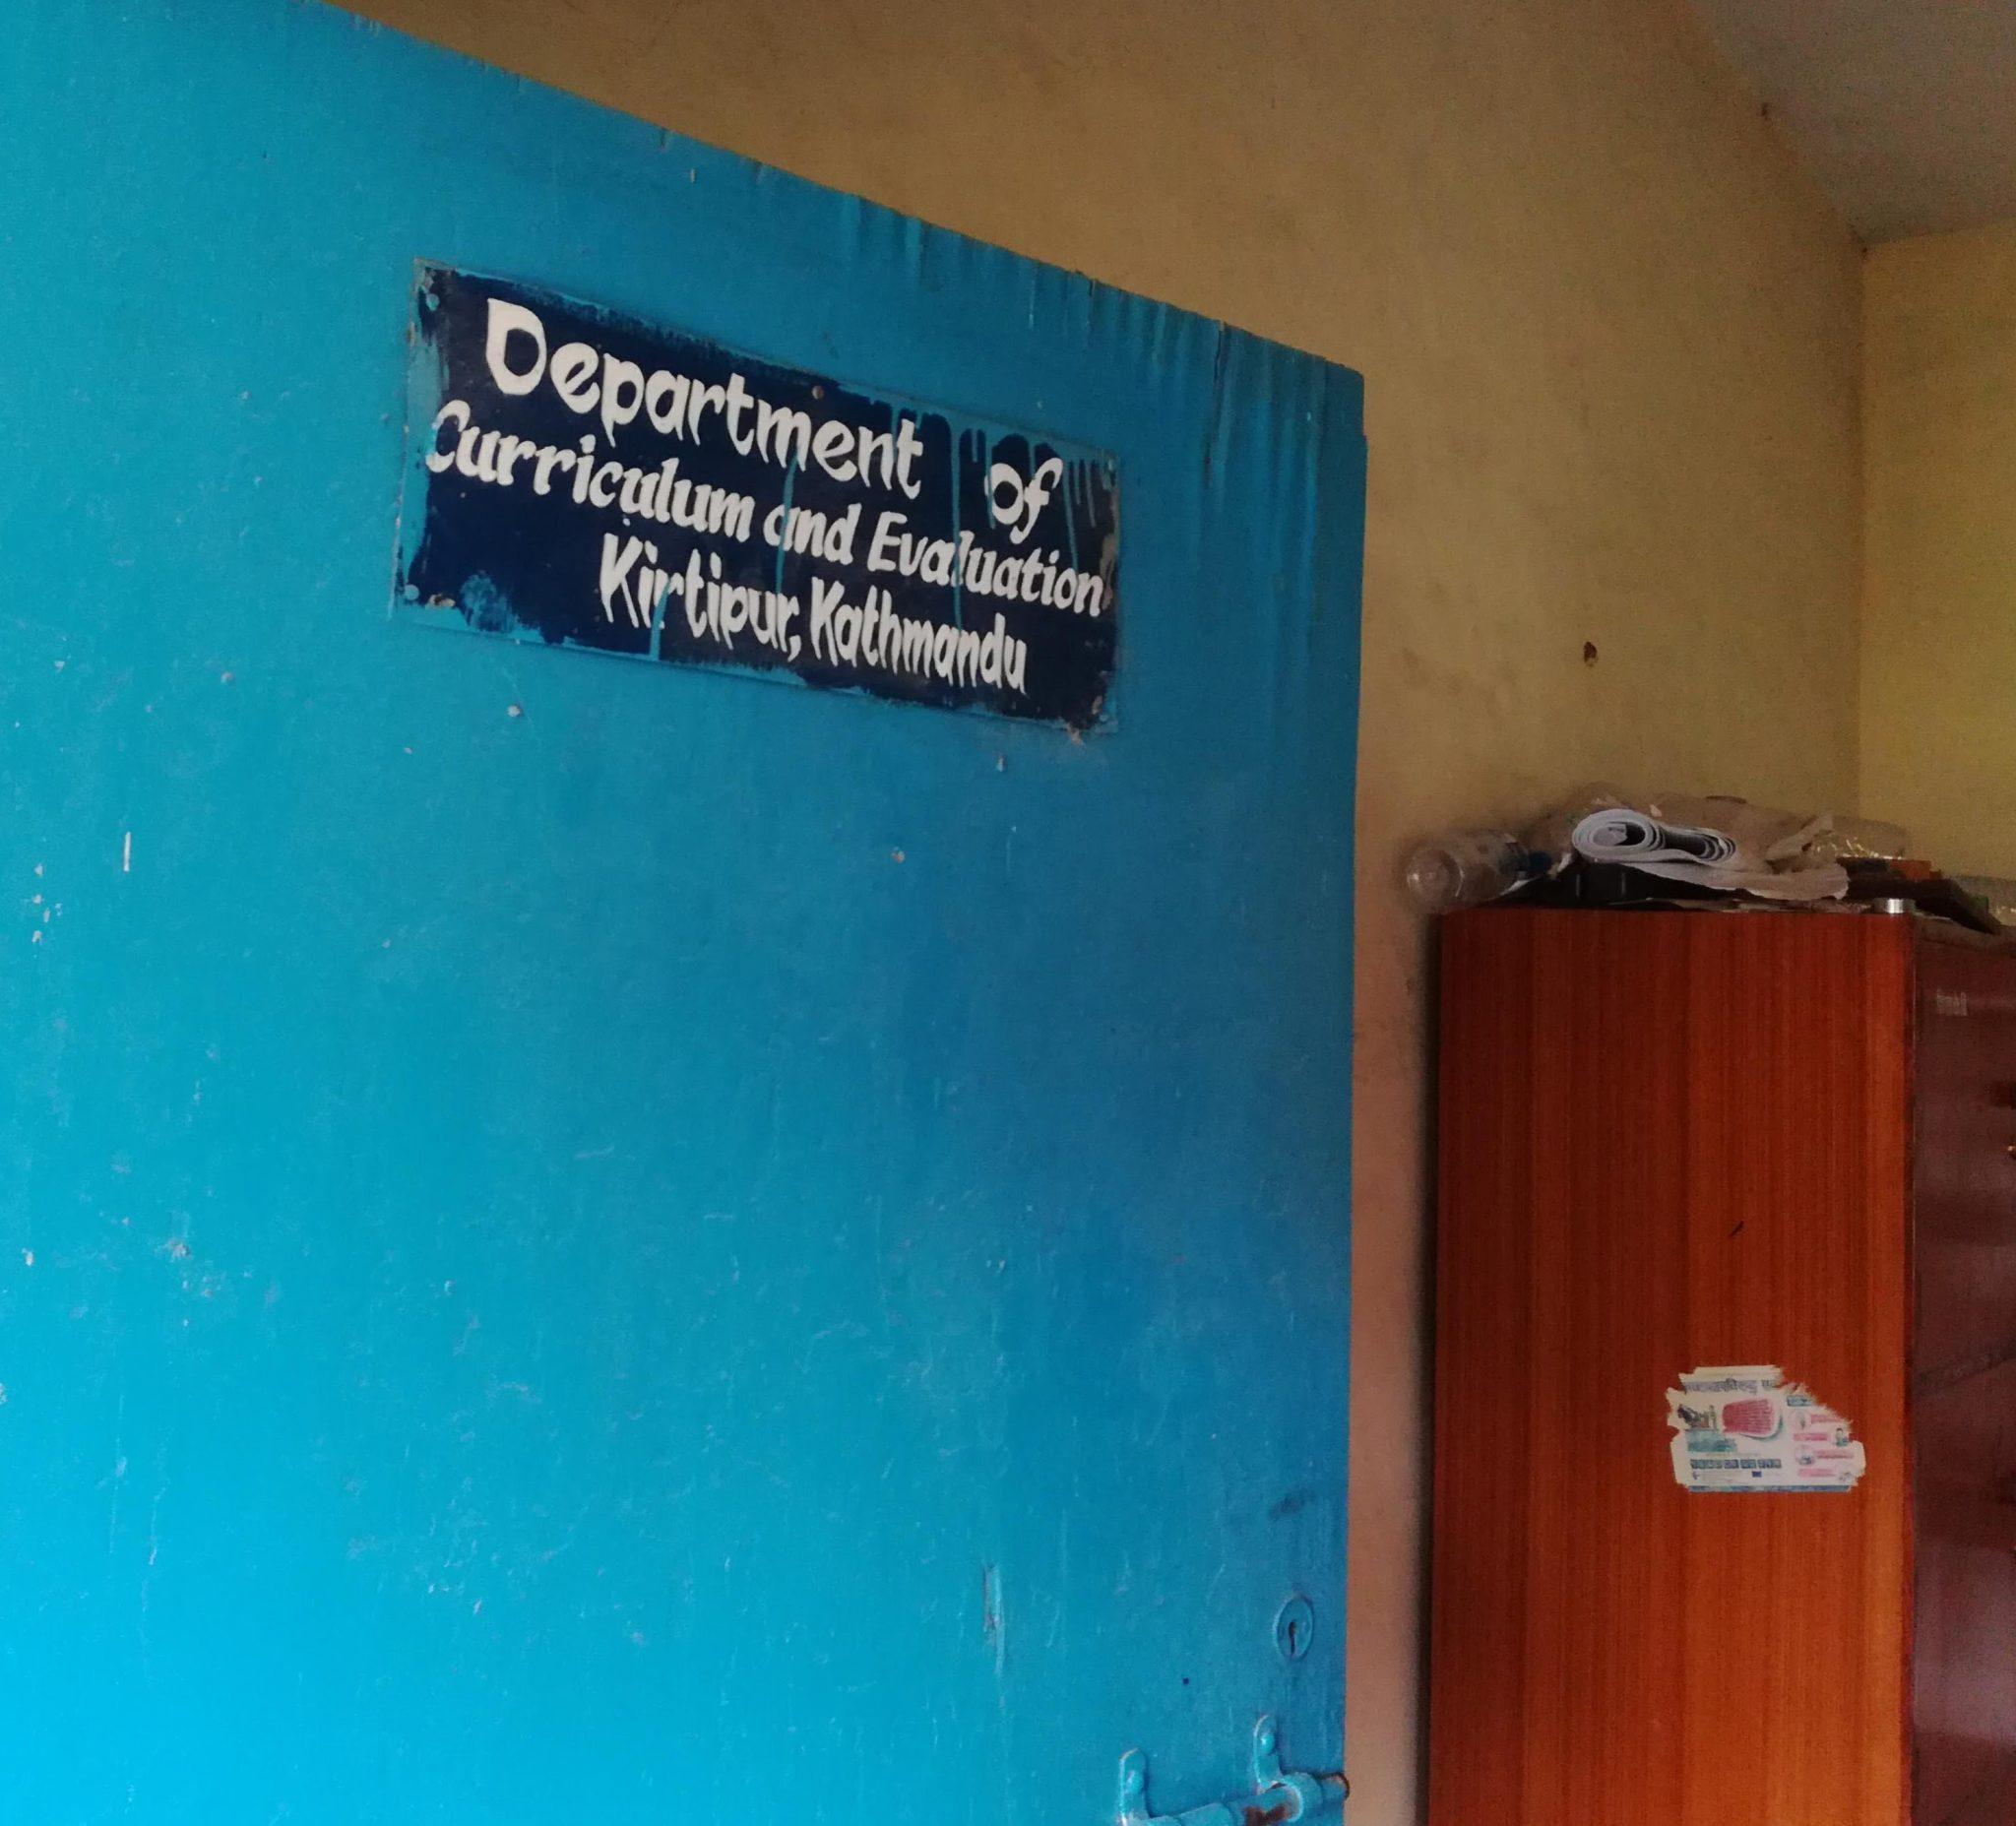 Kuva 3: Olisiko suomalaisella pedagogisella osaamisella käyttöä Nepalissa? Kuvaaja: Hanna Laitinen